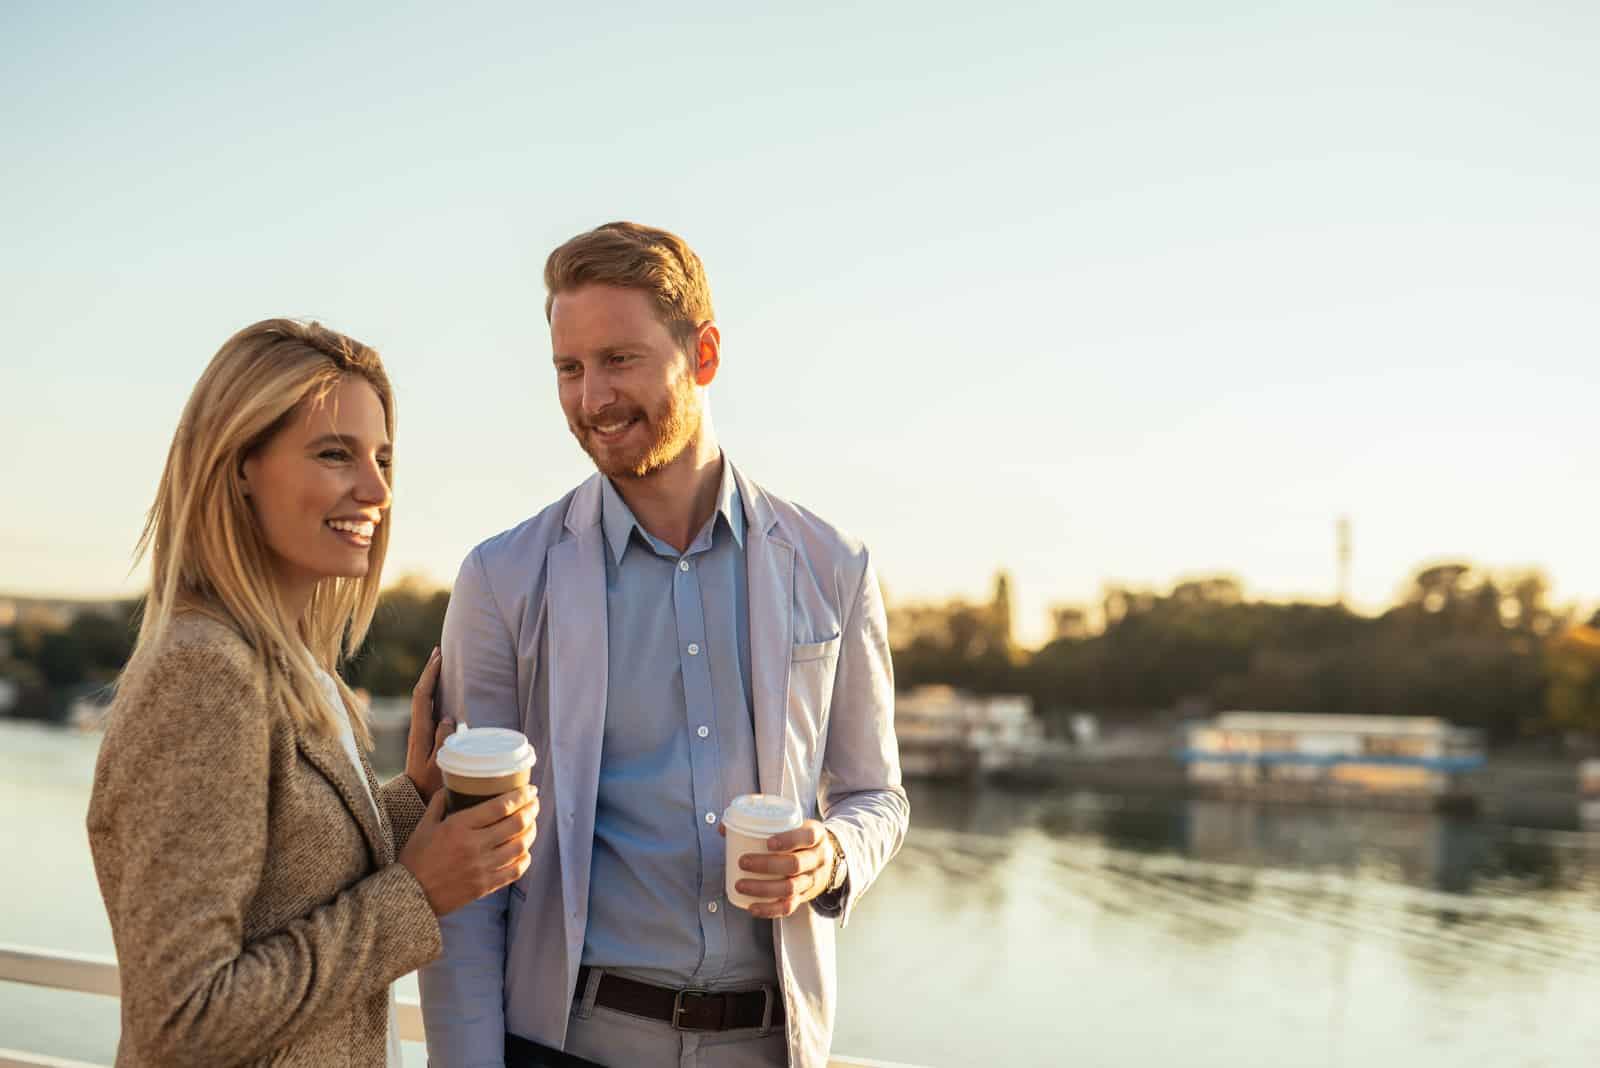 un homme et une femme debout tenant un café dans leurs mains et parlant